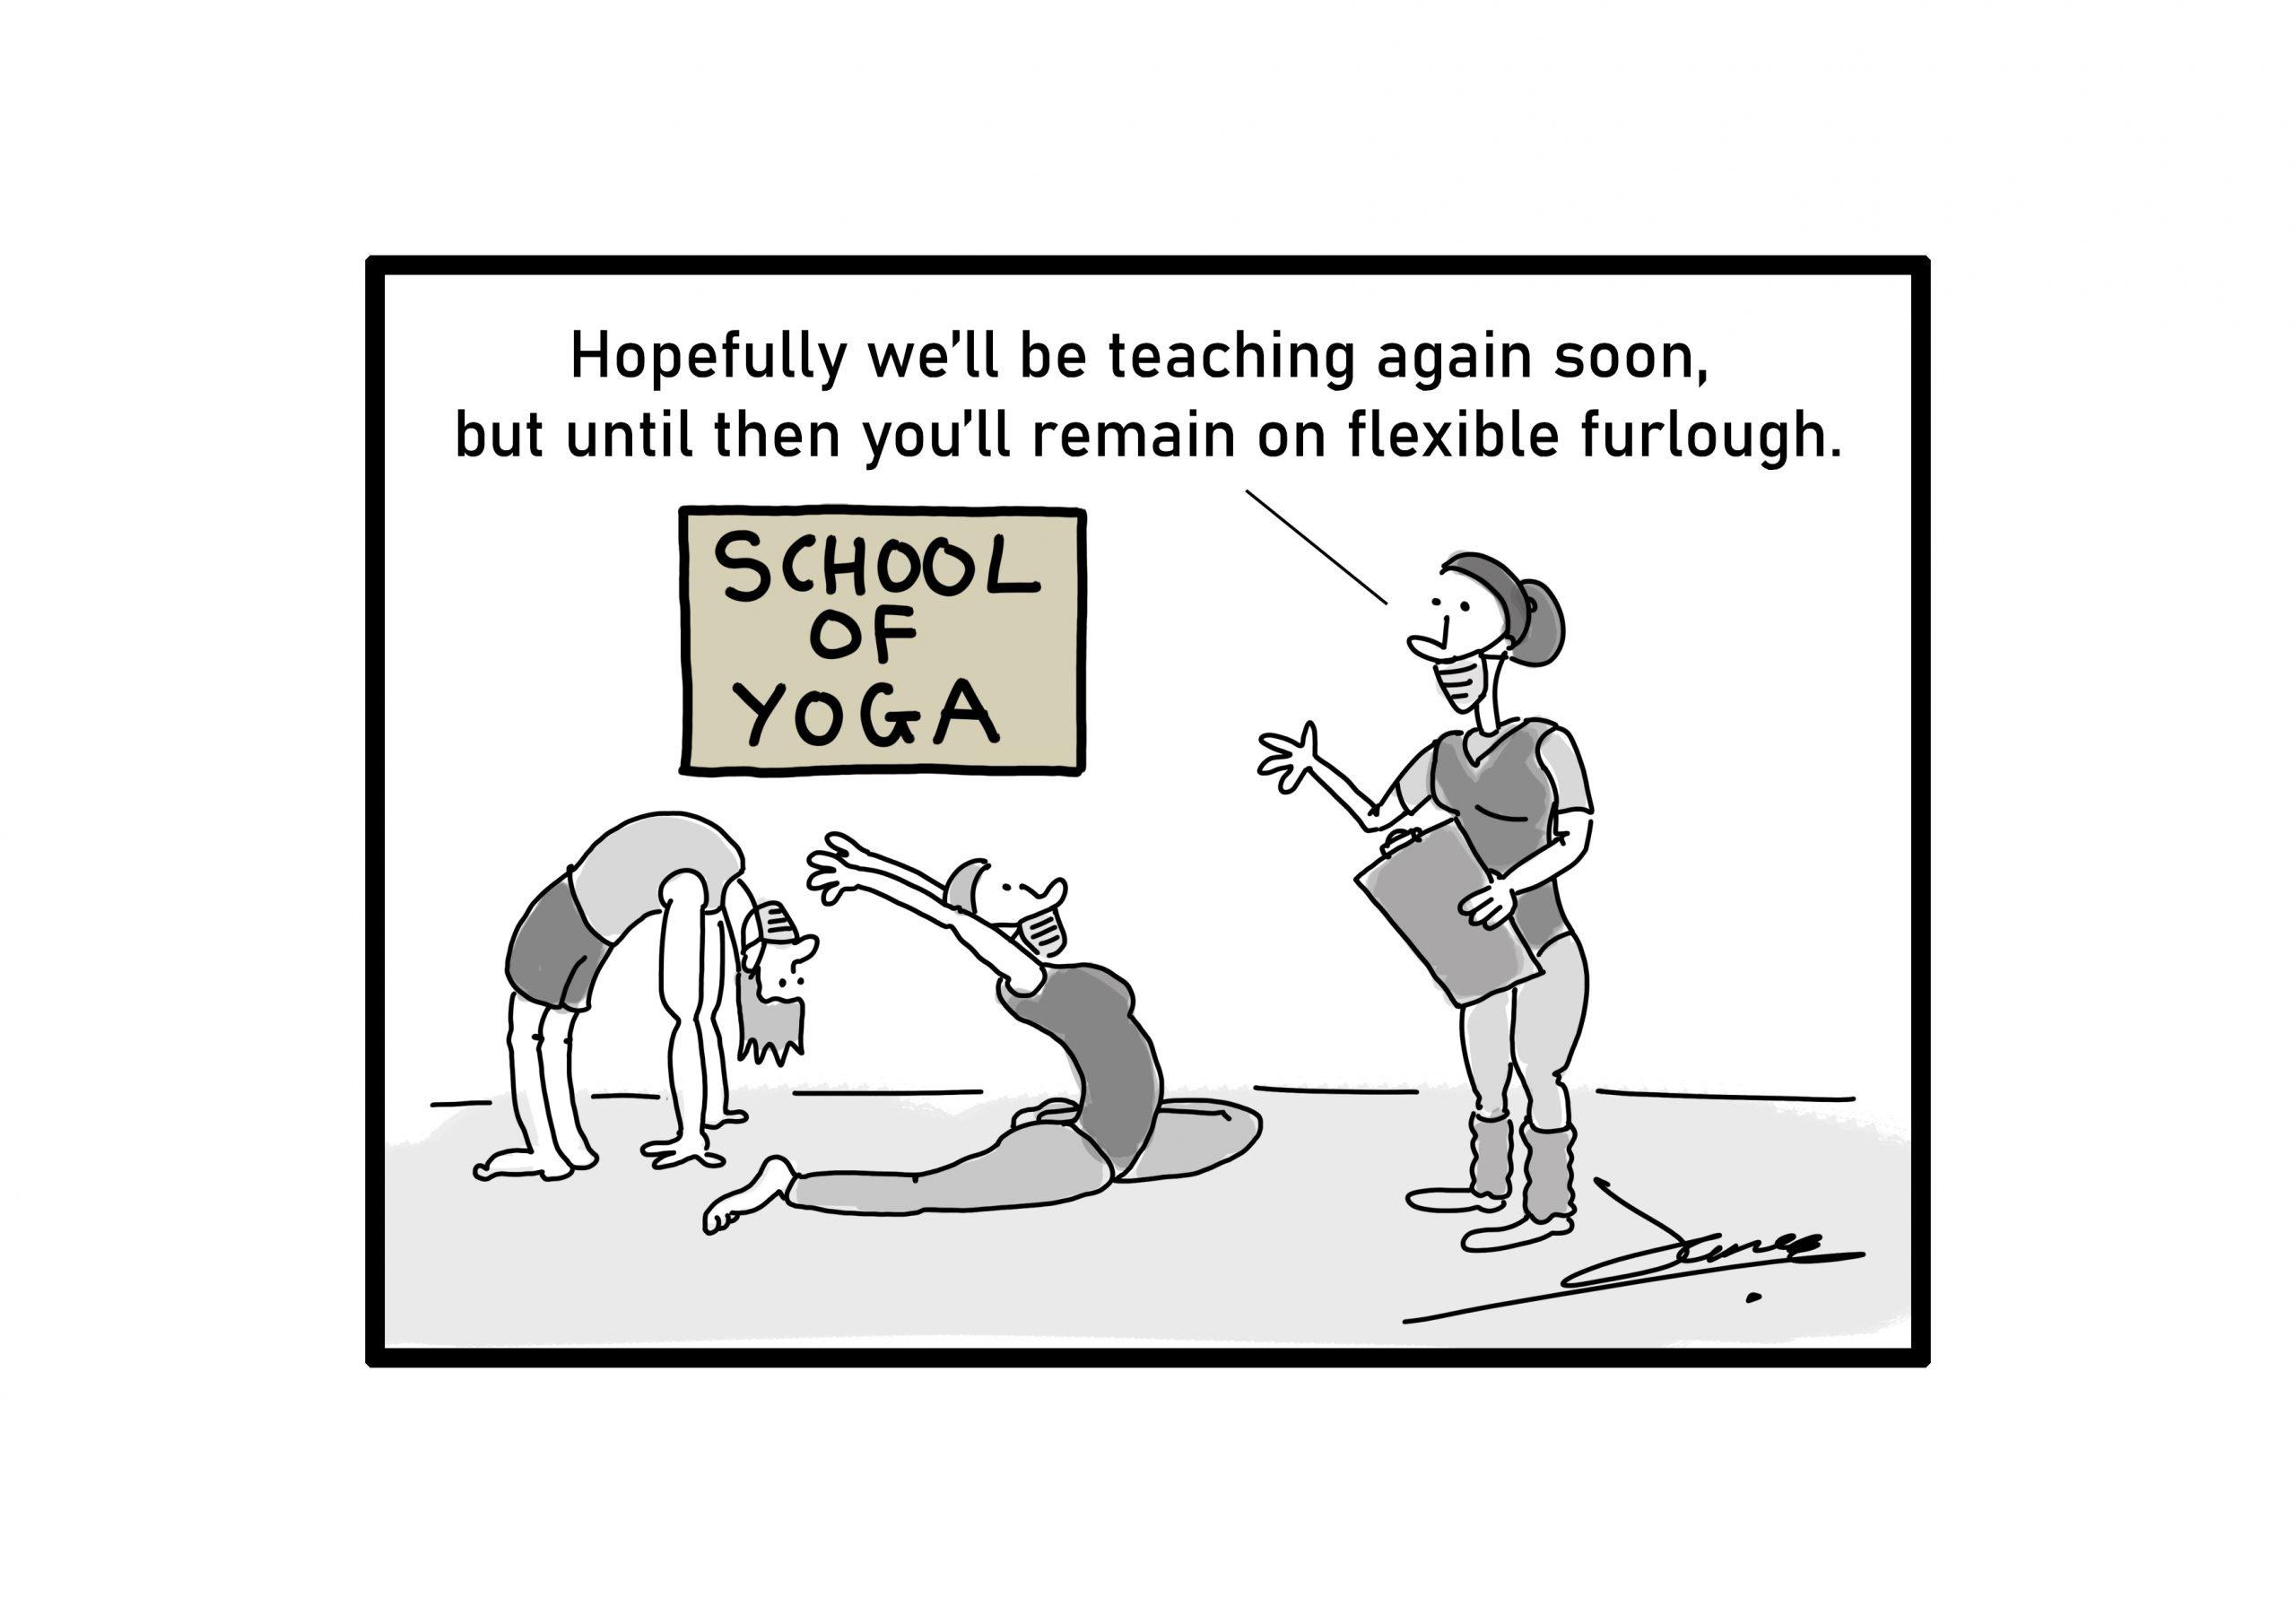 flexible furlough cartoon